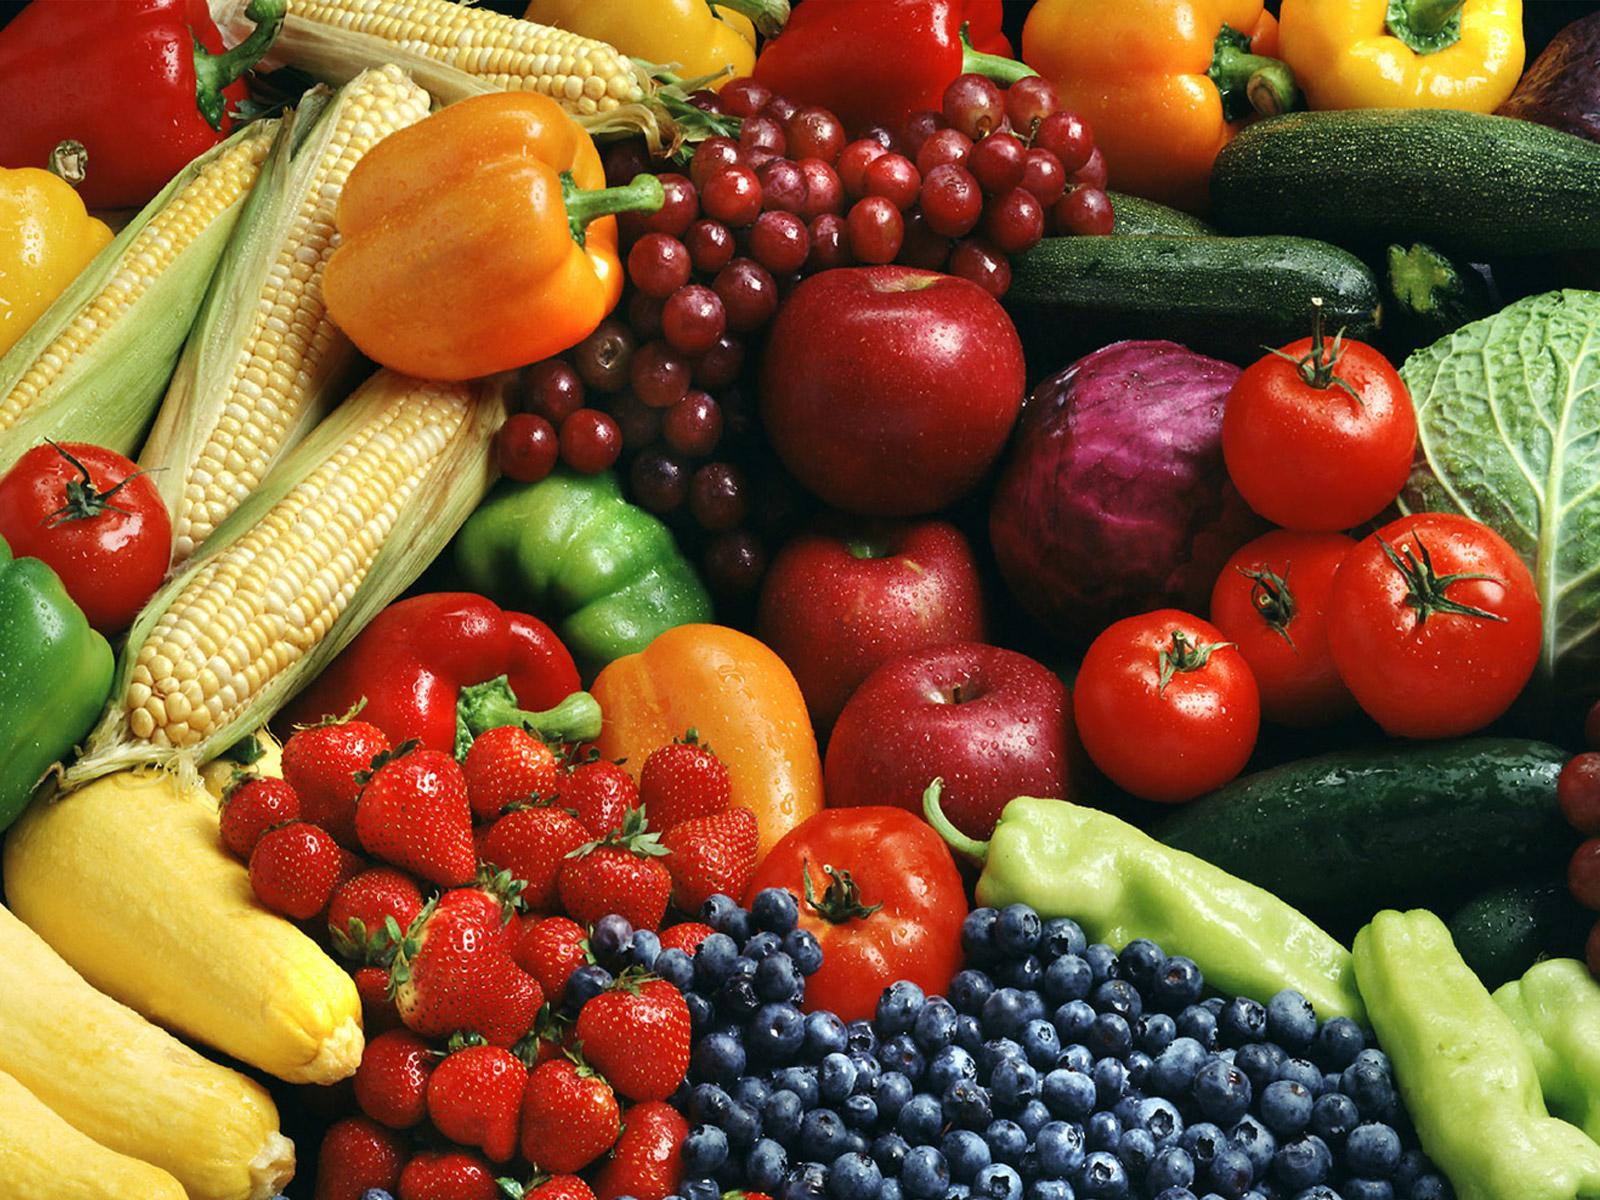 sebze ve meyve ile ilgili görsel sonucu